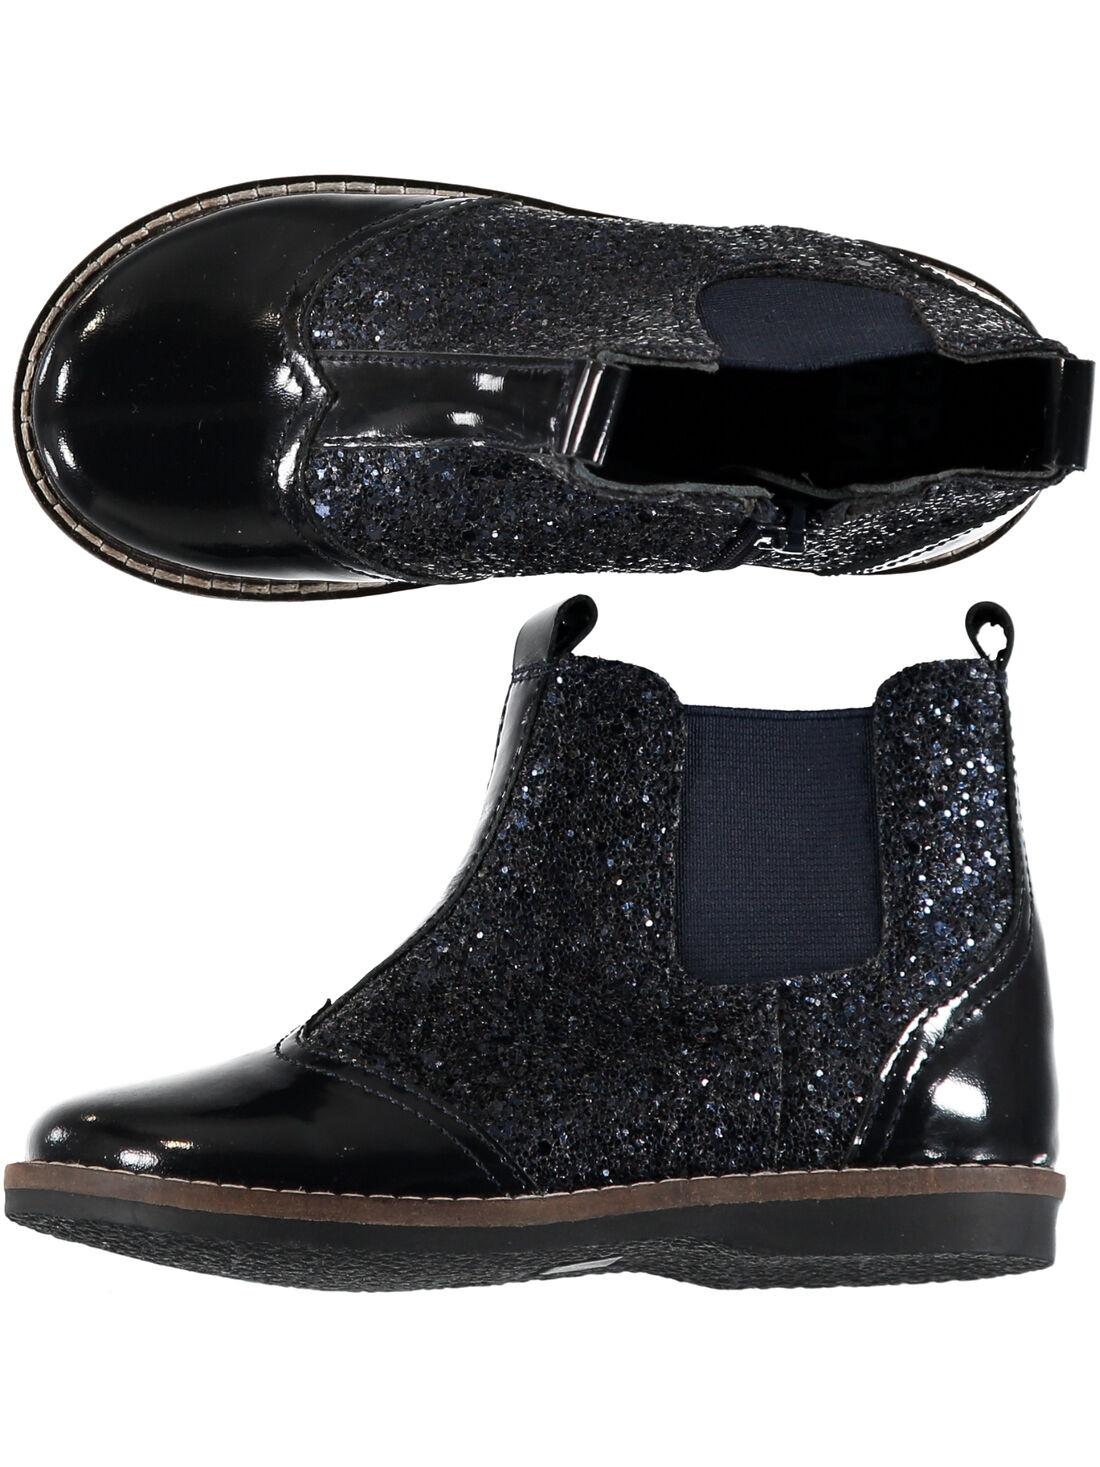 Boots bi matière cuir verni et paillettes marine enfant fille